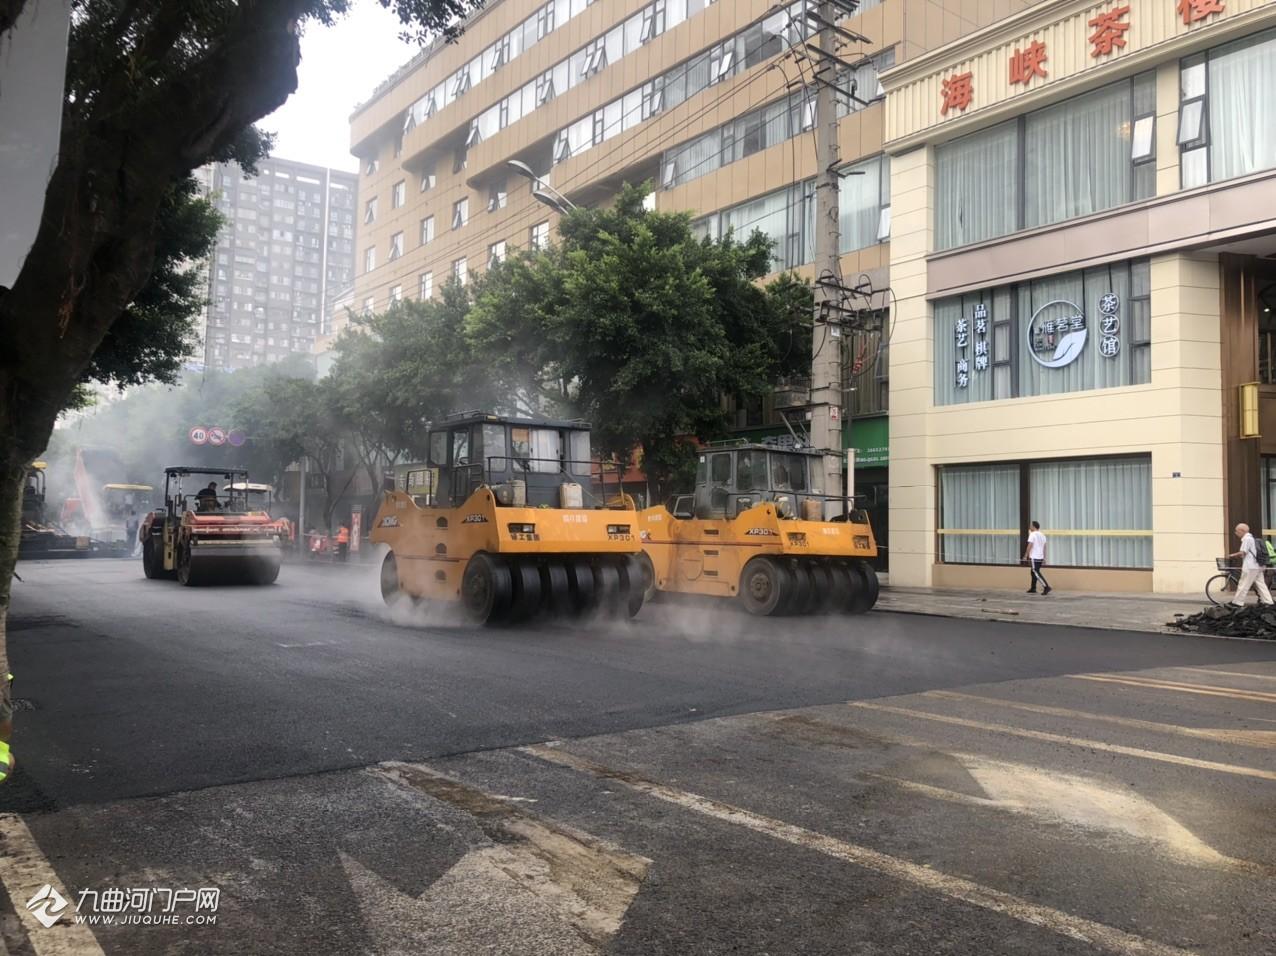 (现场施工、实时路况更新)资阳建设北路正在铺设沥青,走这边的请注意绕行!